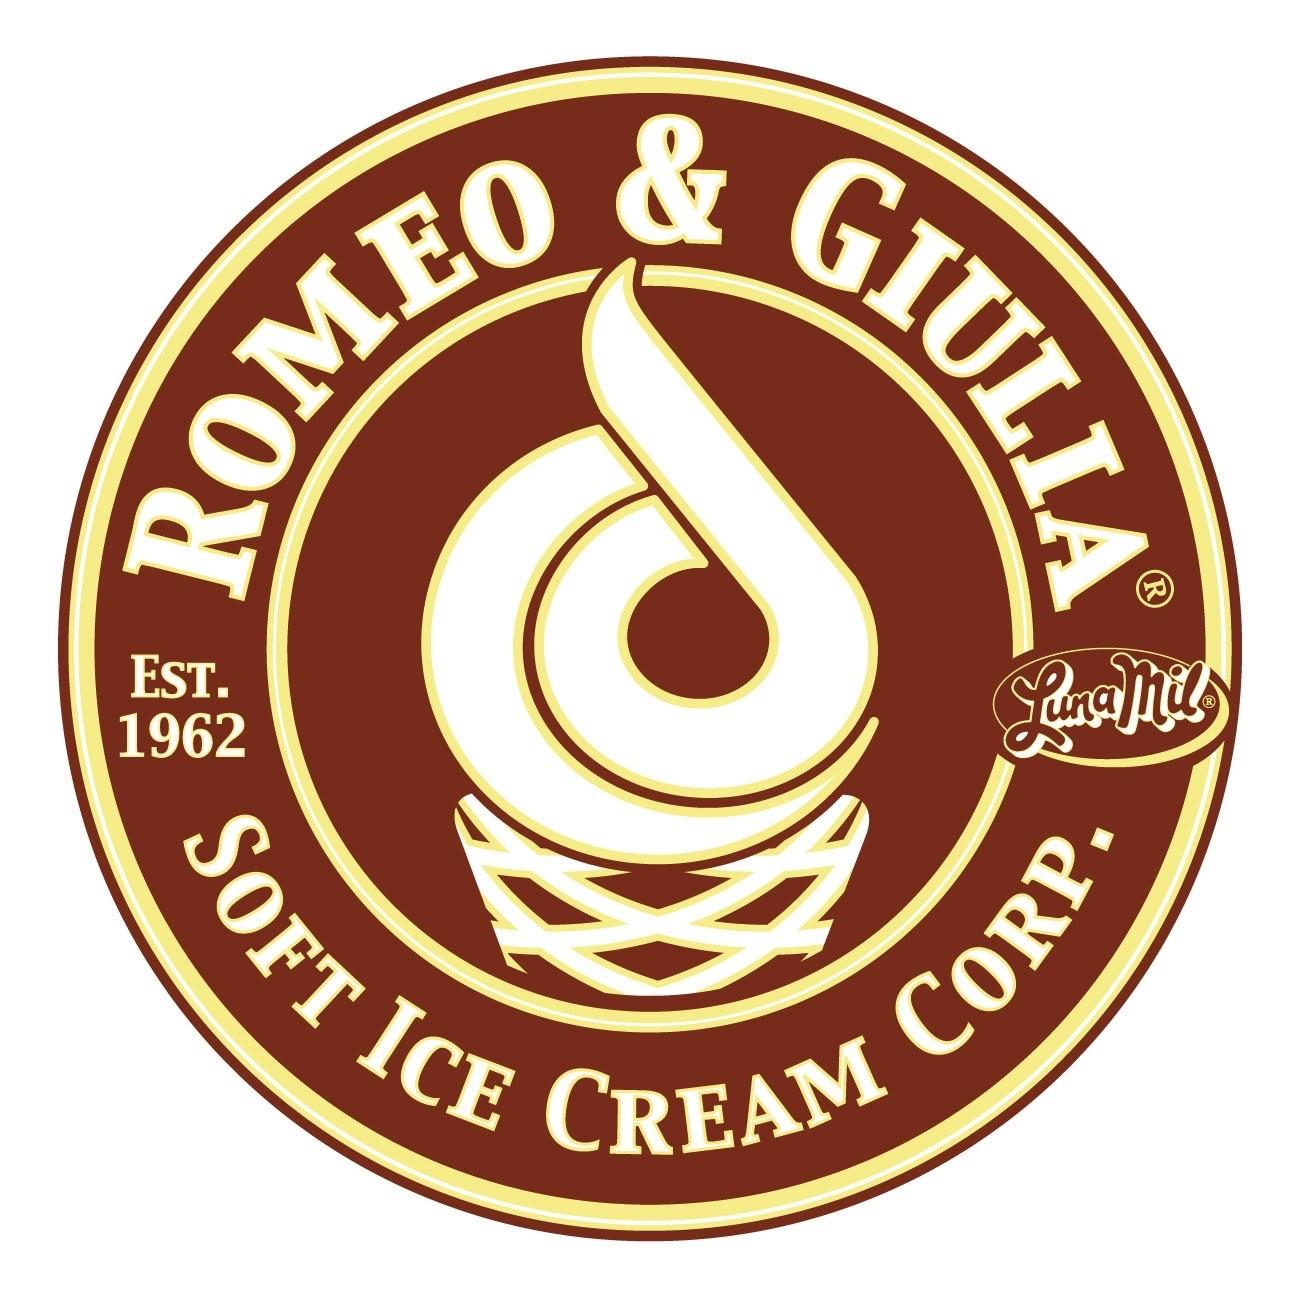 Romeo & Giulia